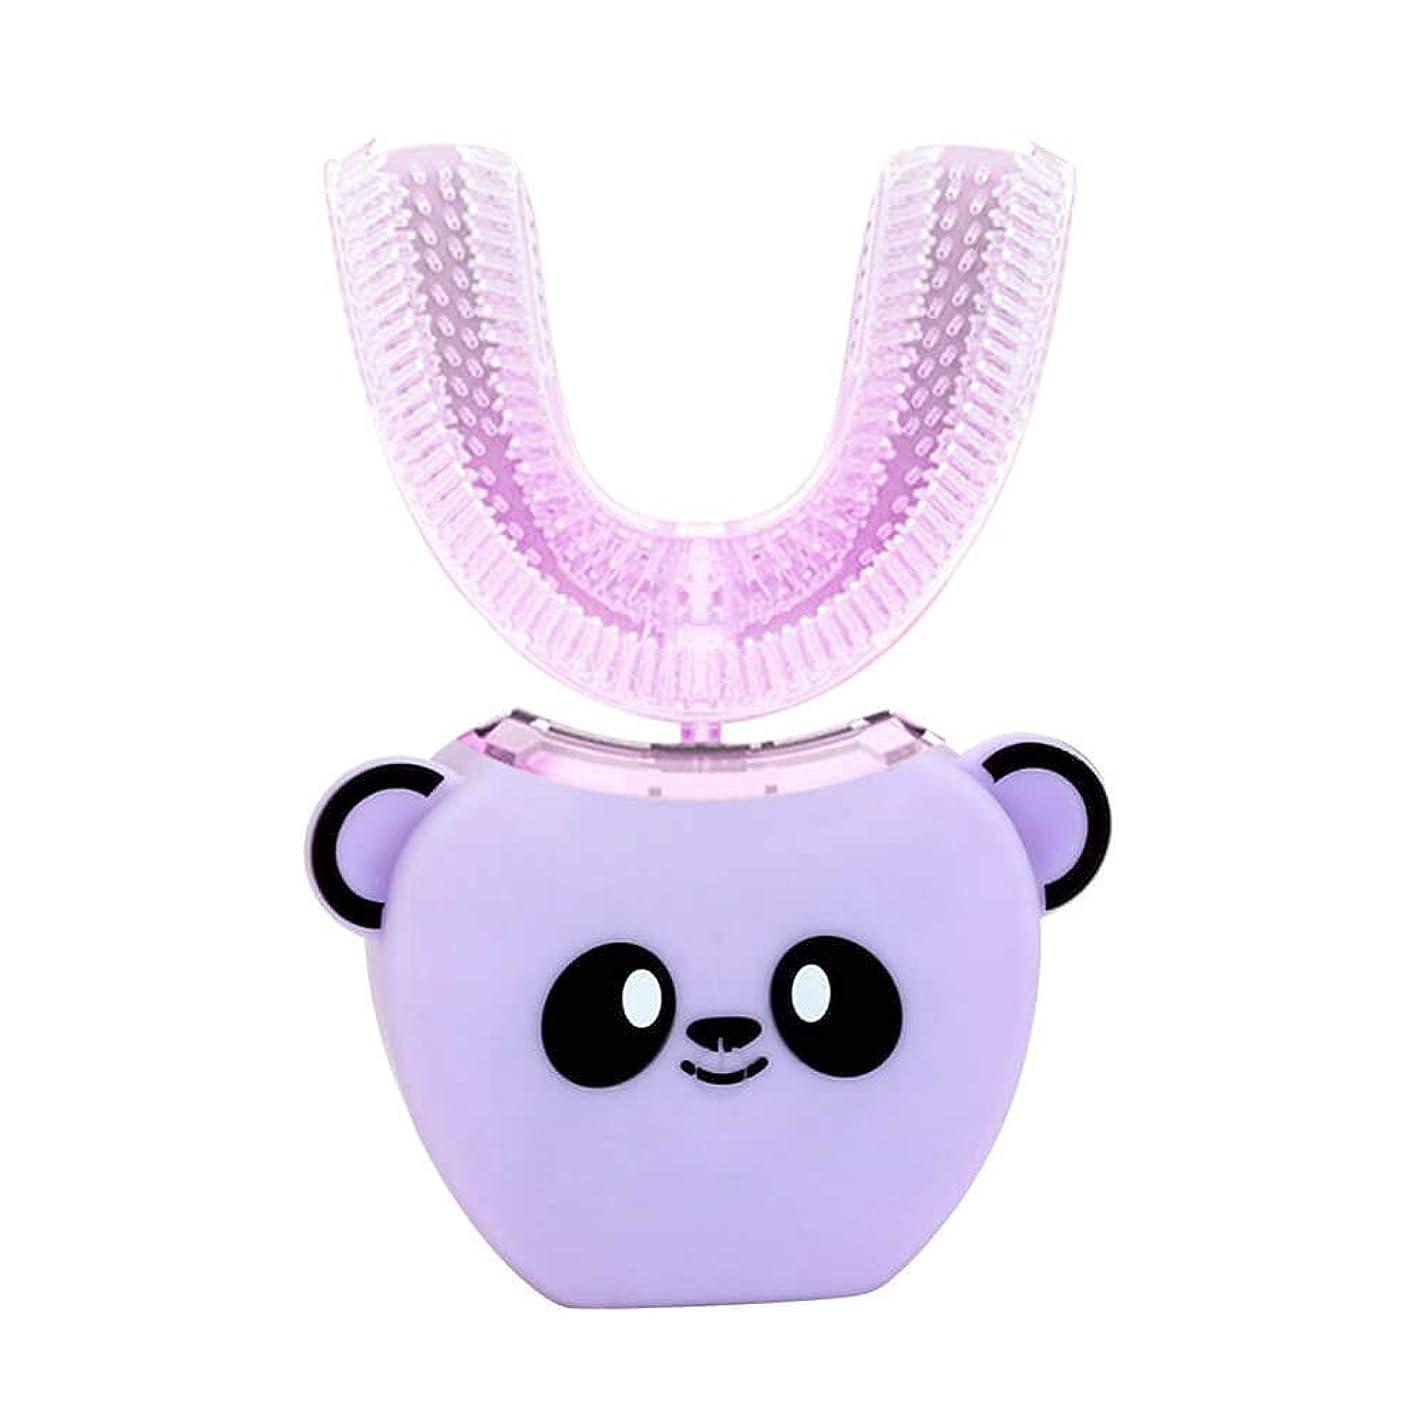 コンチネンタルまだ曖昧な電動歯ブラシ 360°超音波ホワイトニング IPX7防水自動マウスクリーナー子供のための 紫の